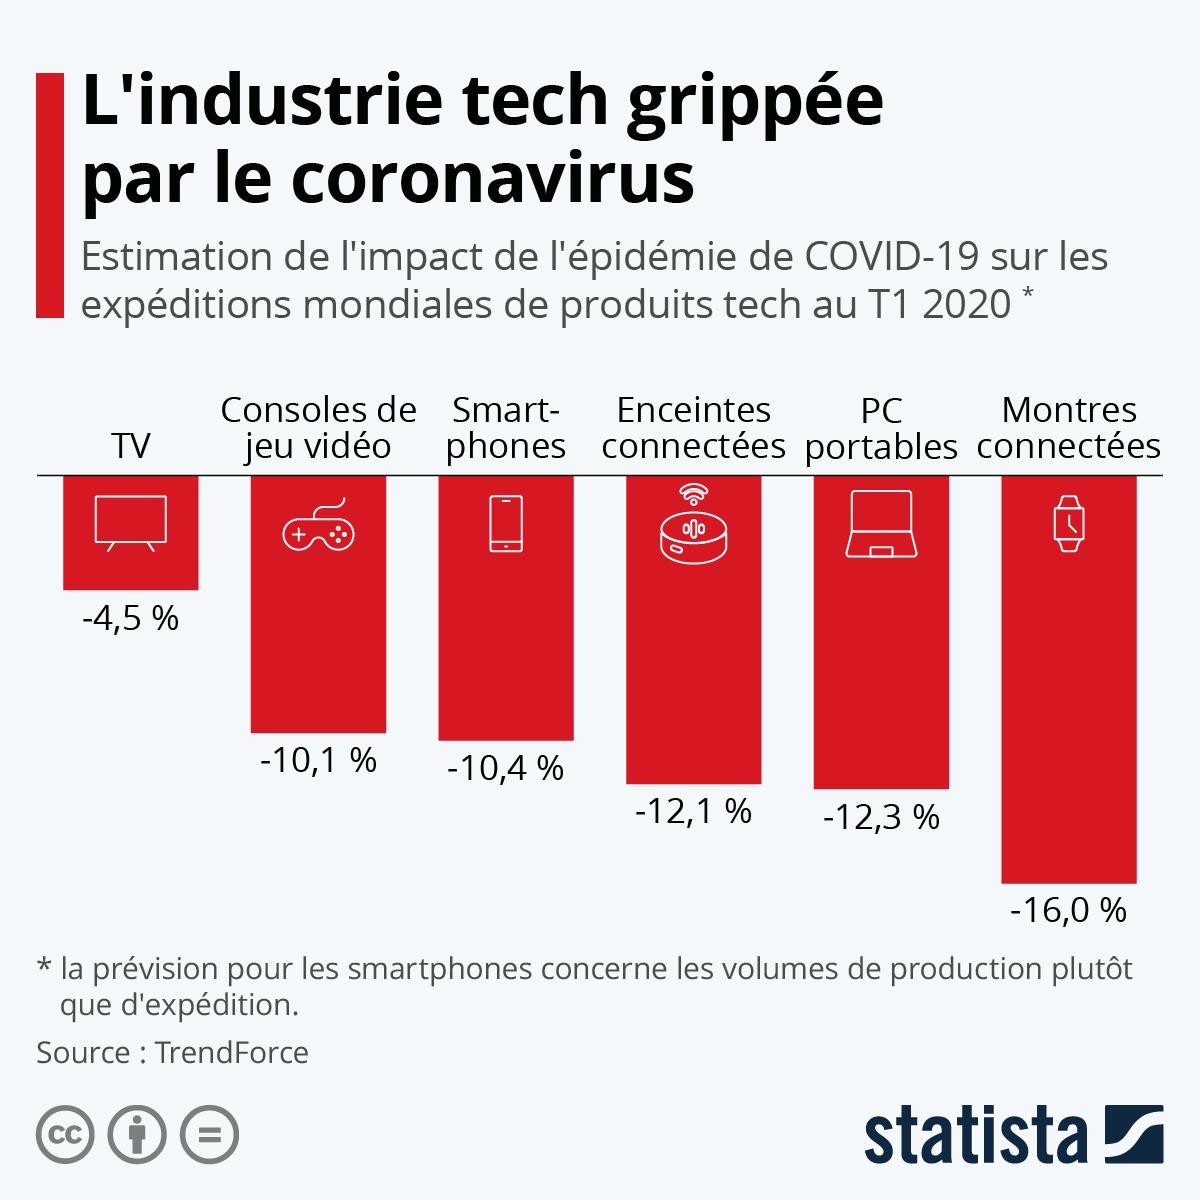 Infographie: L'industrie tech grippée par le coronavirus | Statista